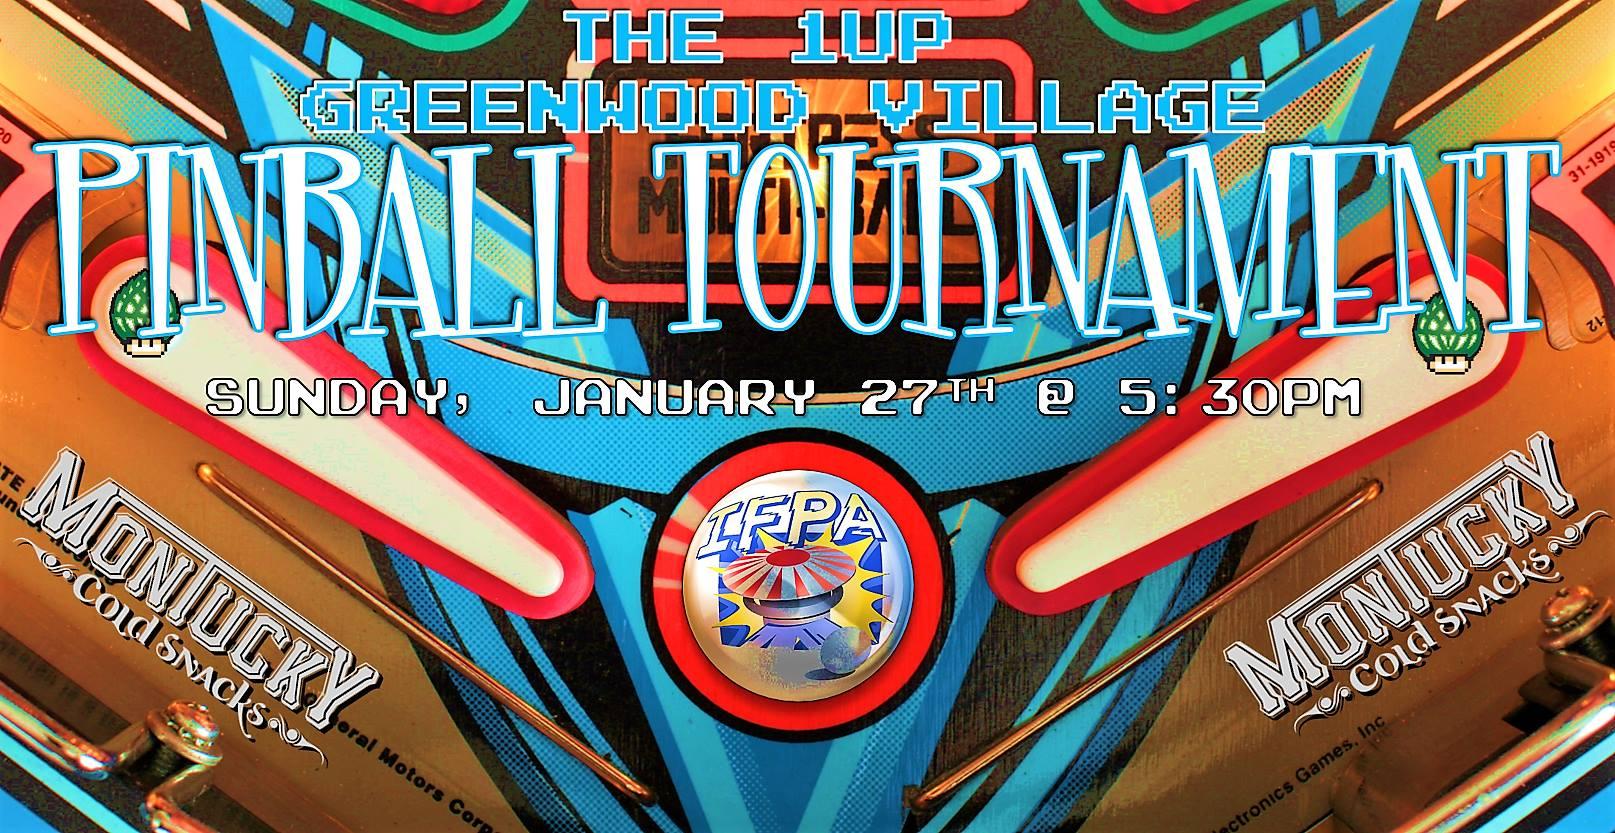 pinball tournament graphic